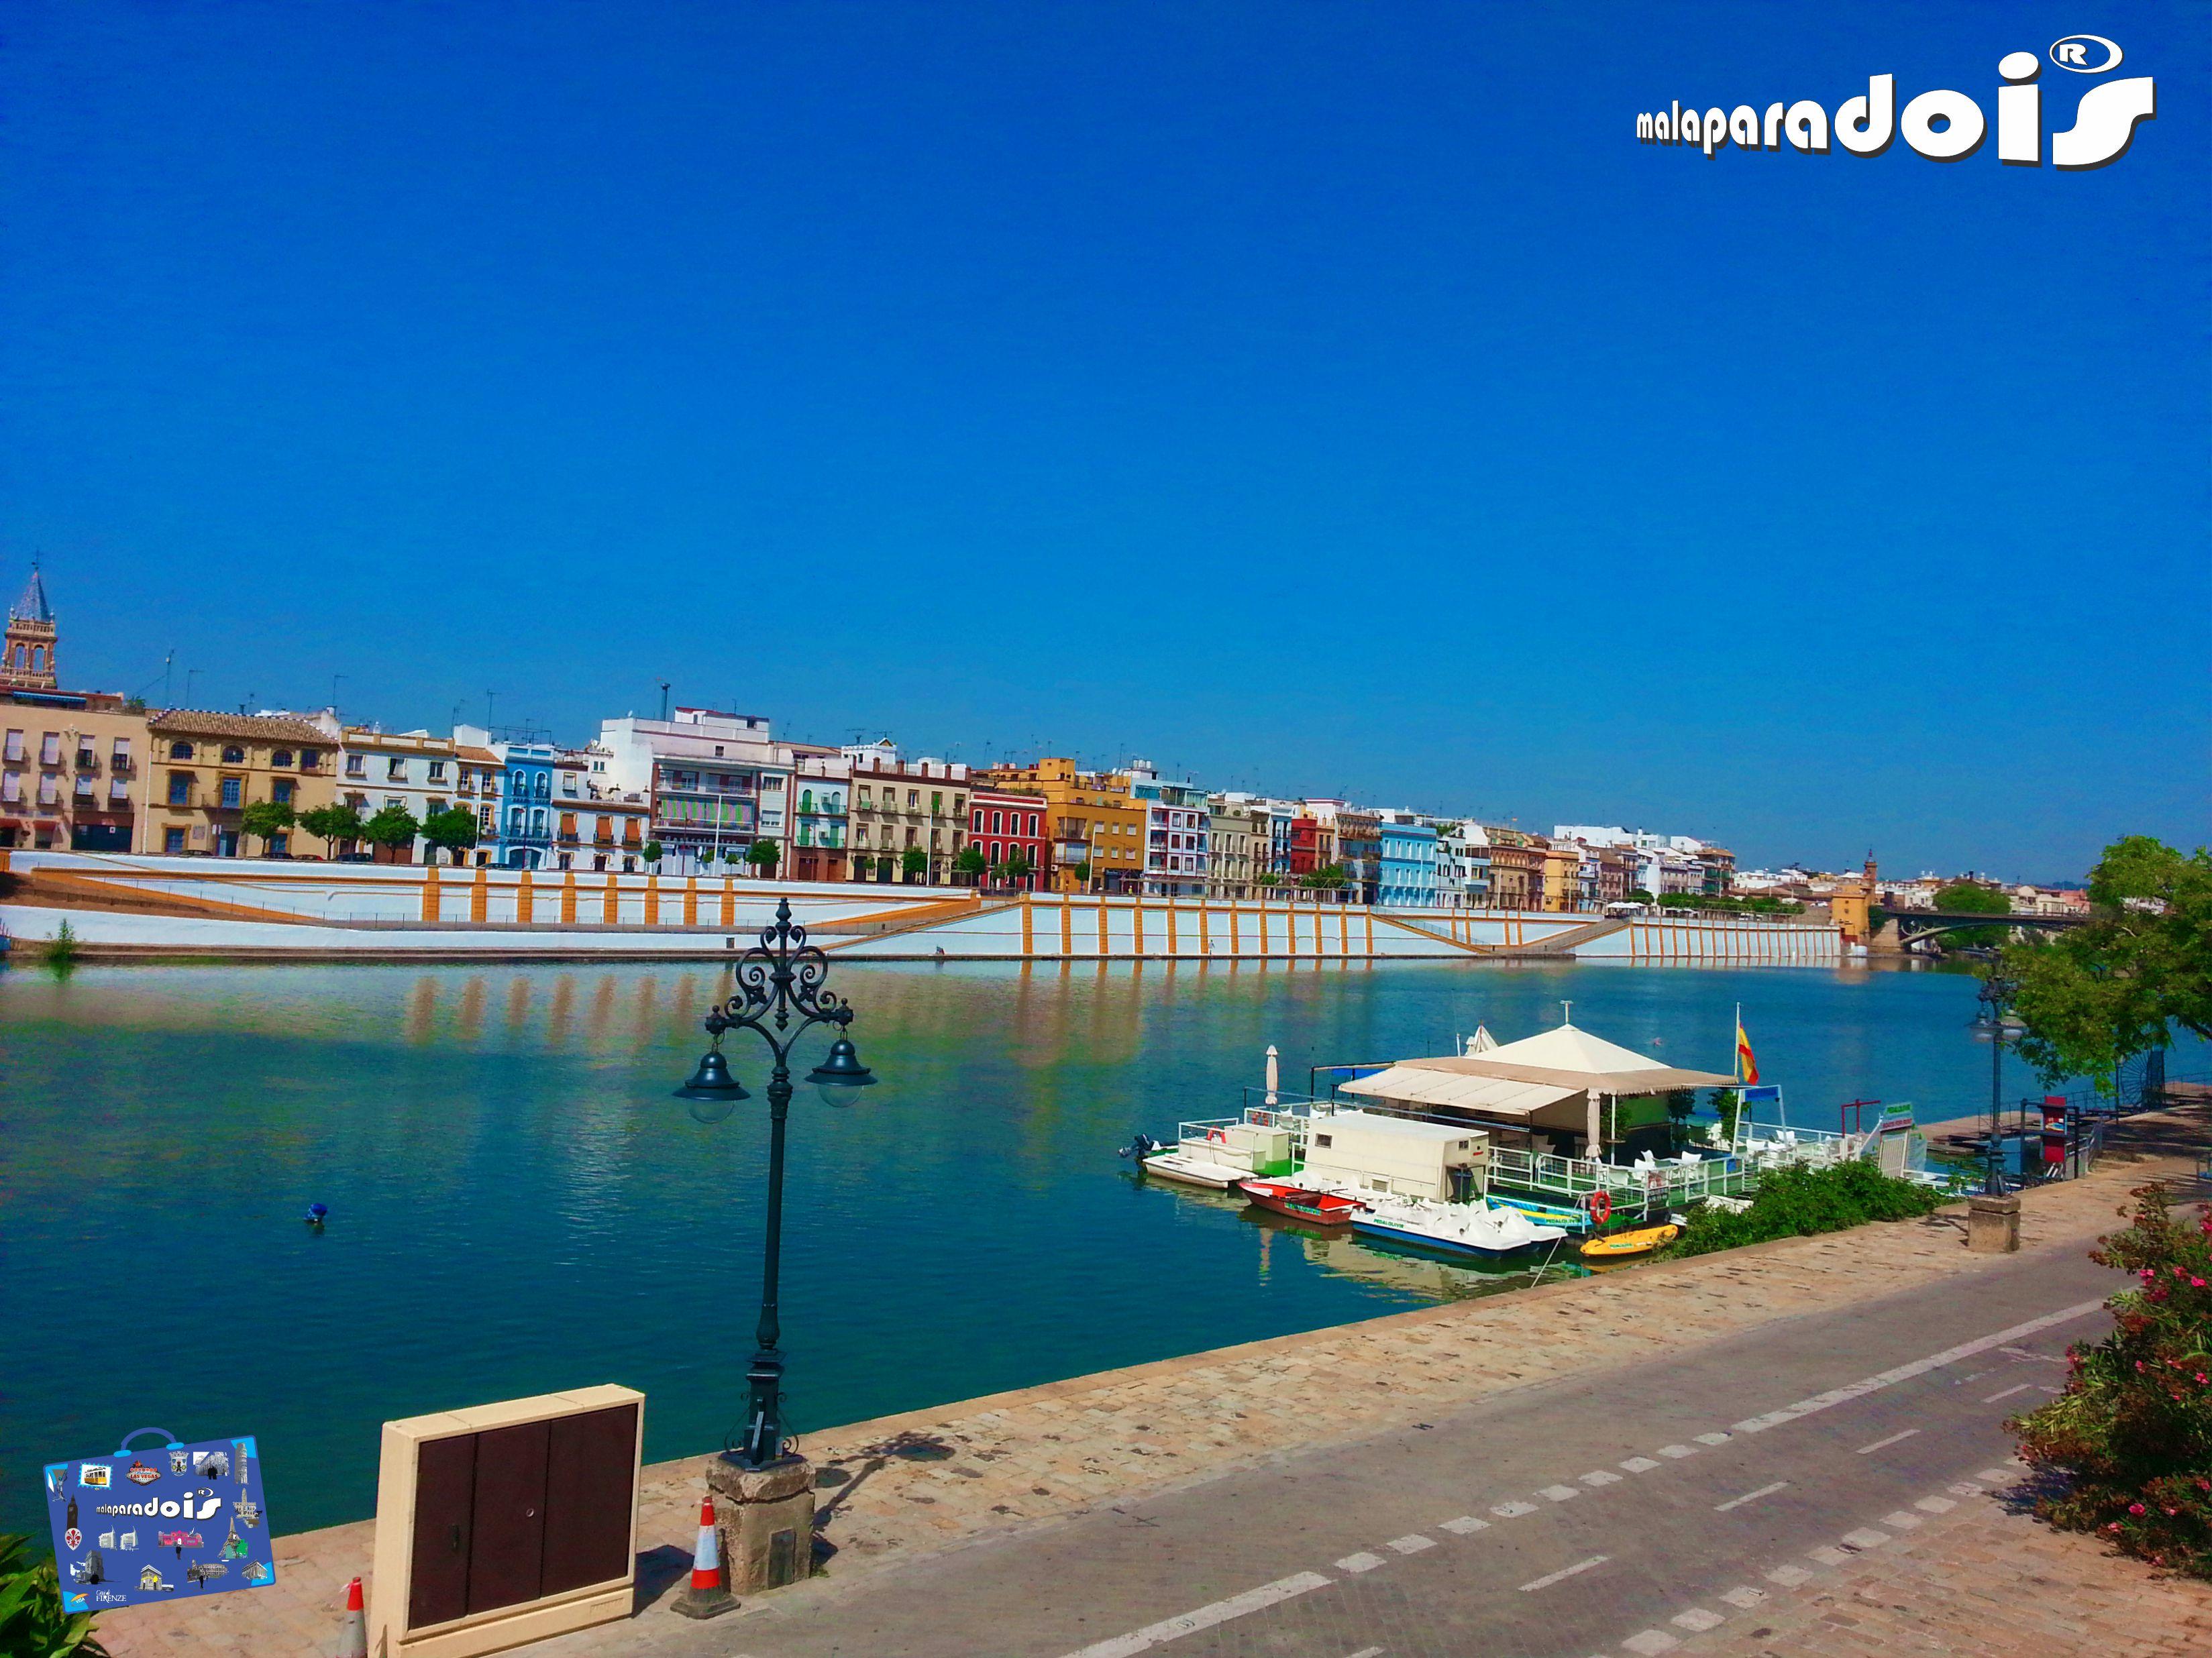 Canal do Rio Guadalquivir